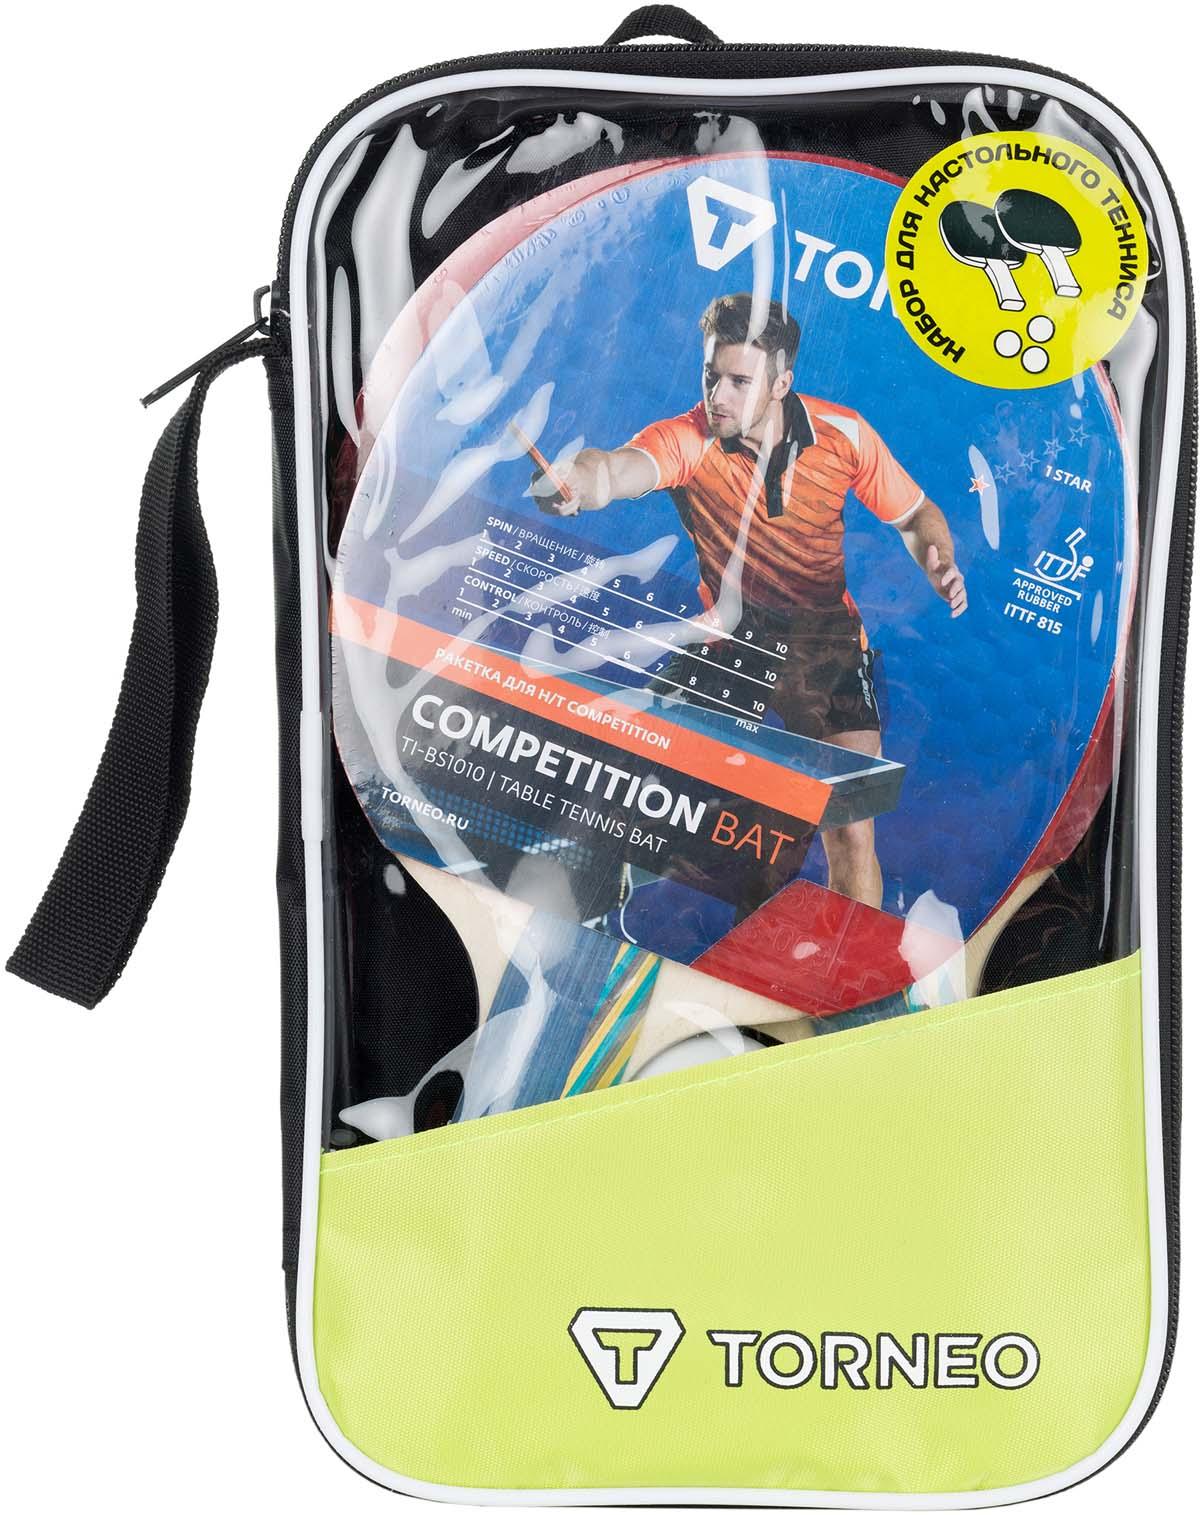 Прекрасный набор для игры в настольный теннис состоит из 2 ракеток и 3 мячей. Ракетка подходит для новичков и любителей. Легкая, хорошо ложится в руку. Дает возможностью тренировать вращение и скорость и переходить на более высокий уровень игры. Состав: дерево, губка, резина, целлулоид.